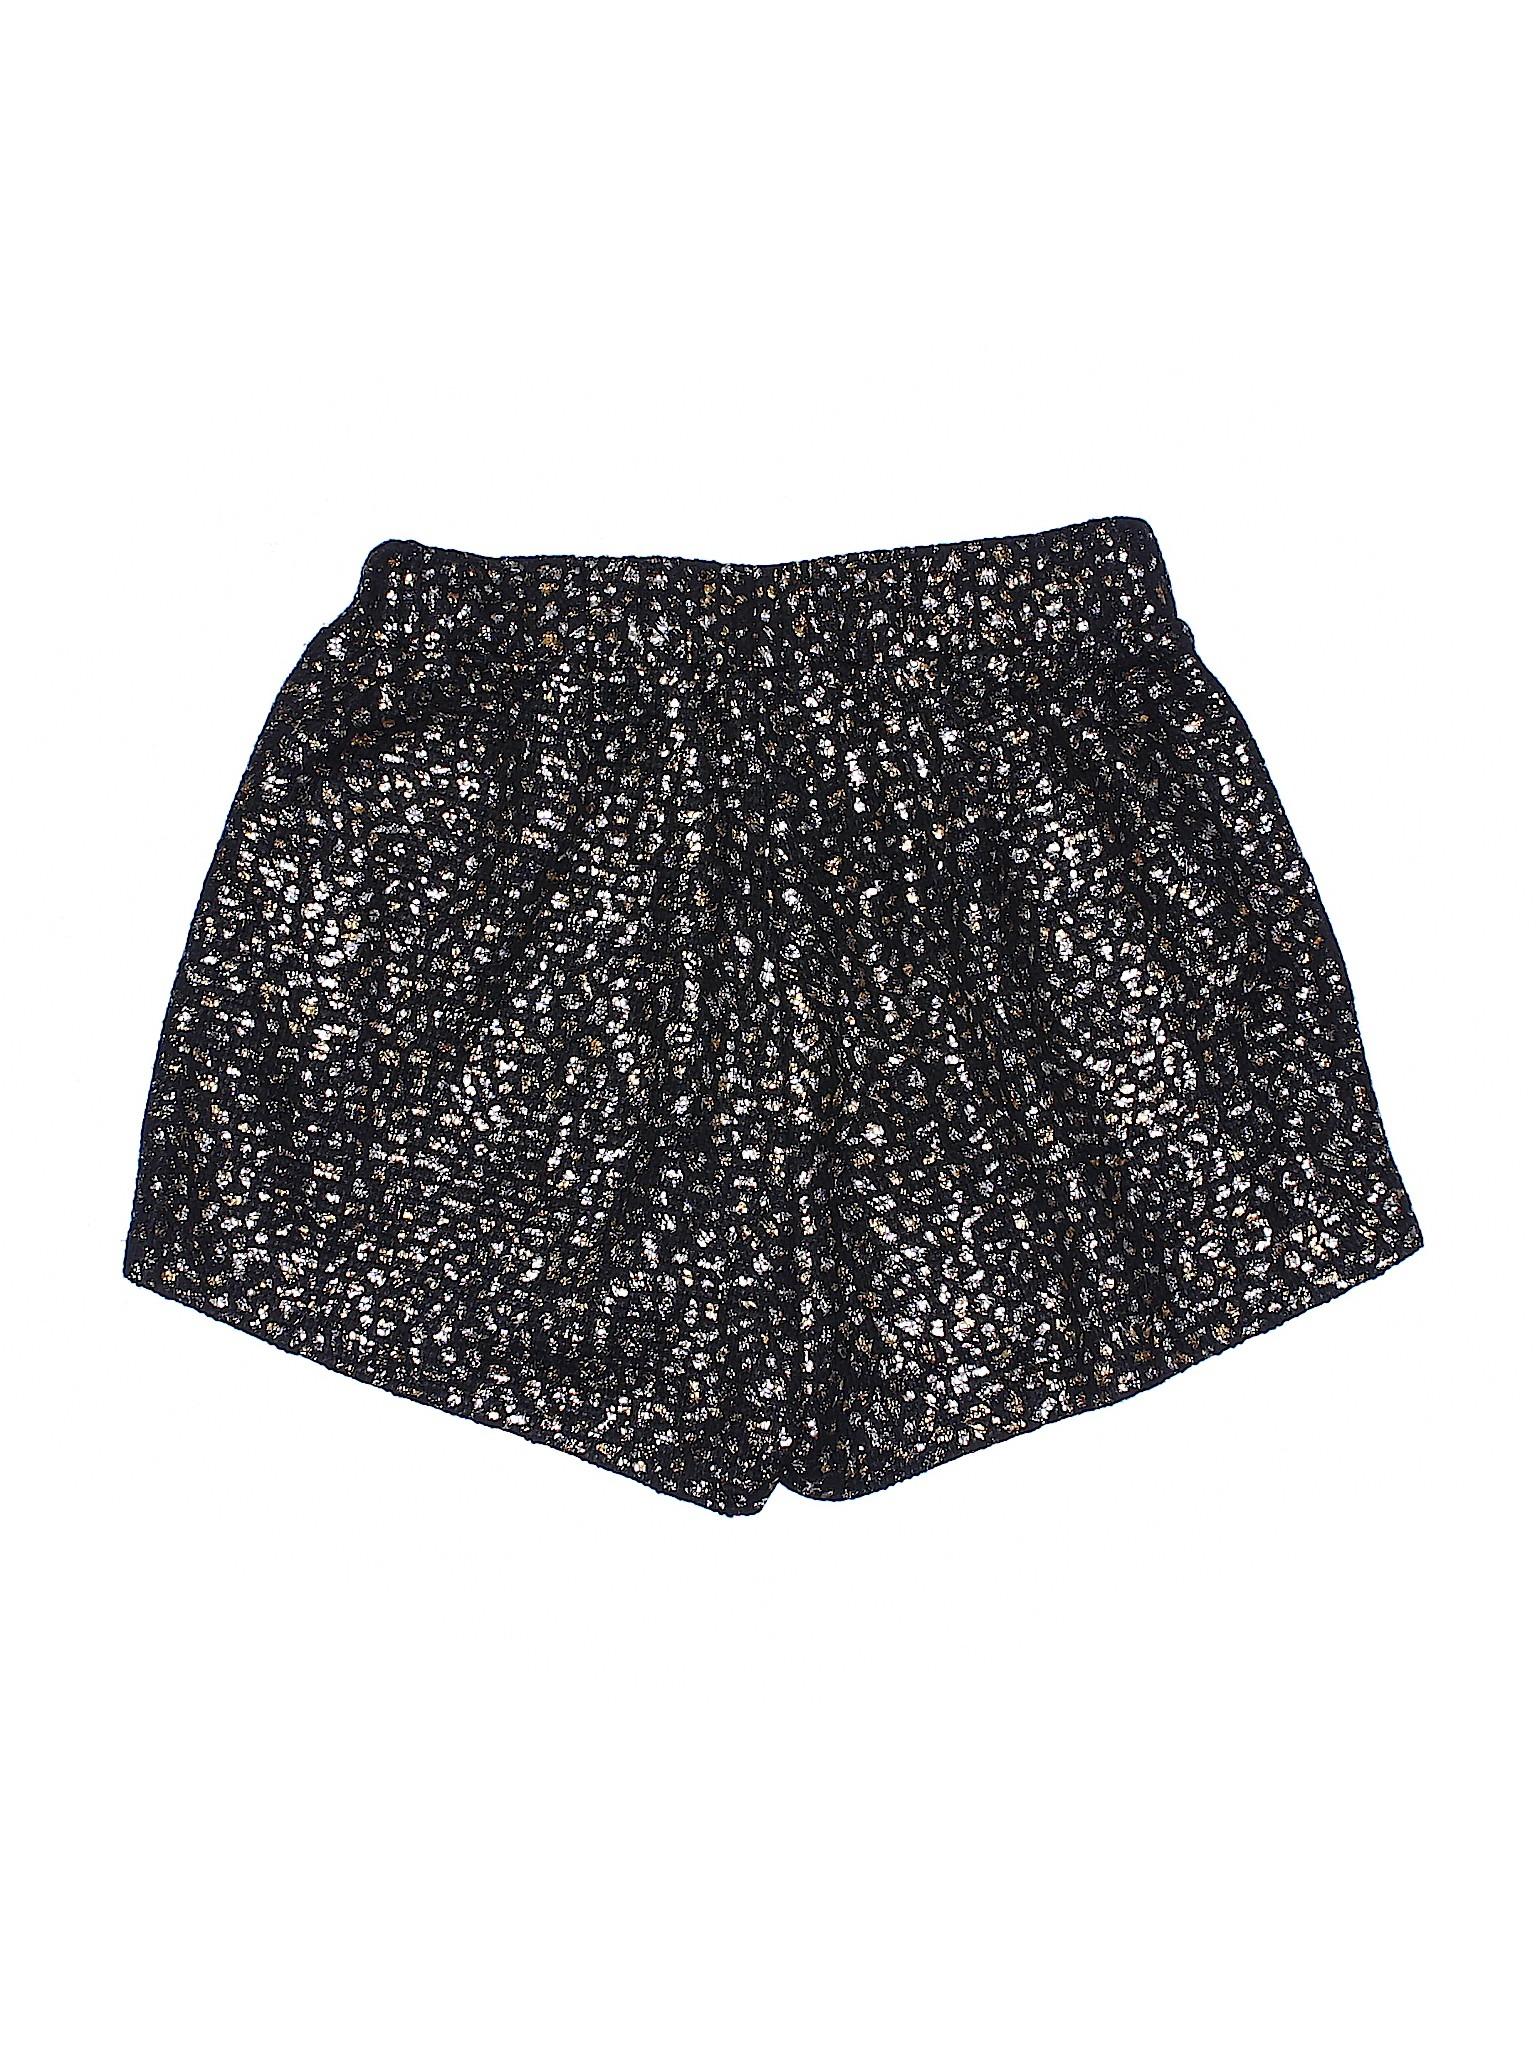 Boutique leisure Very J leisure Shorts Boutique 1pdv61zq